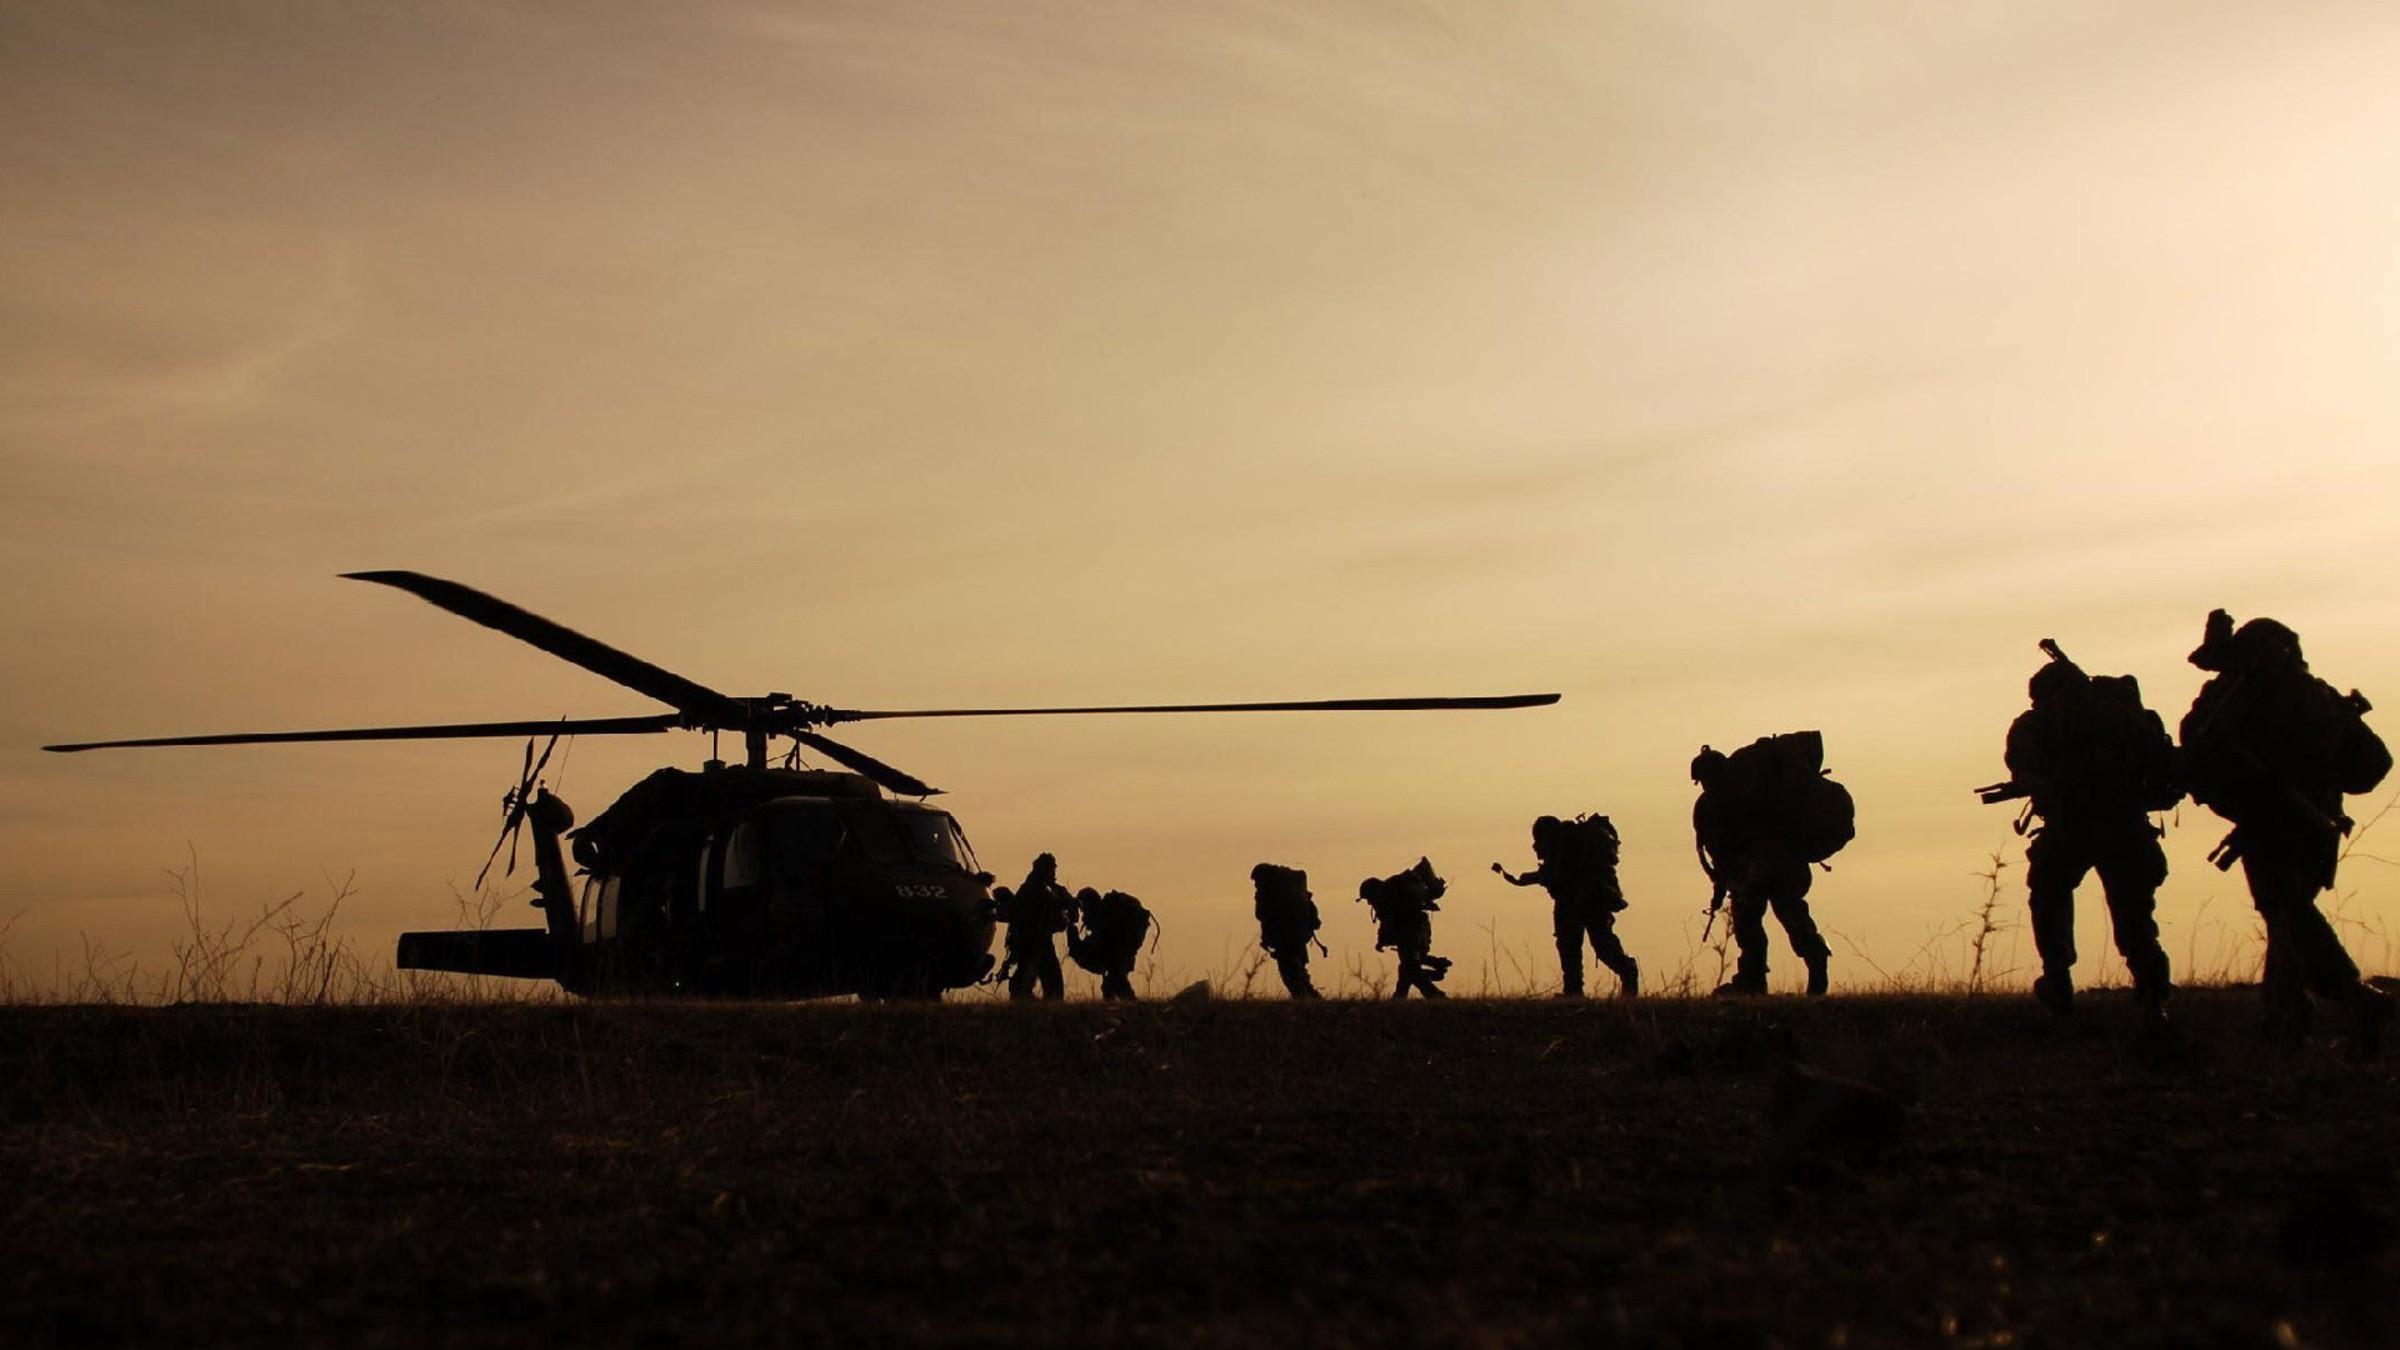 بالصور صور خلفيات عسكرية وحربية روعه , اقوى صور عسكرية وحربية 3729 6